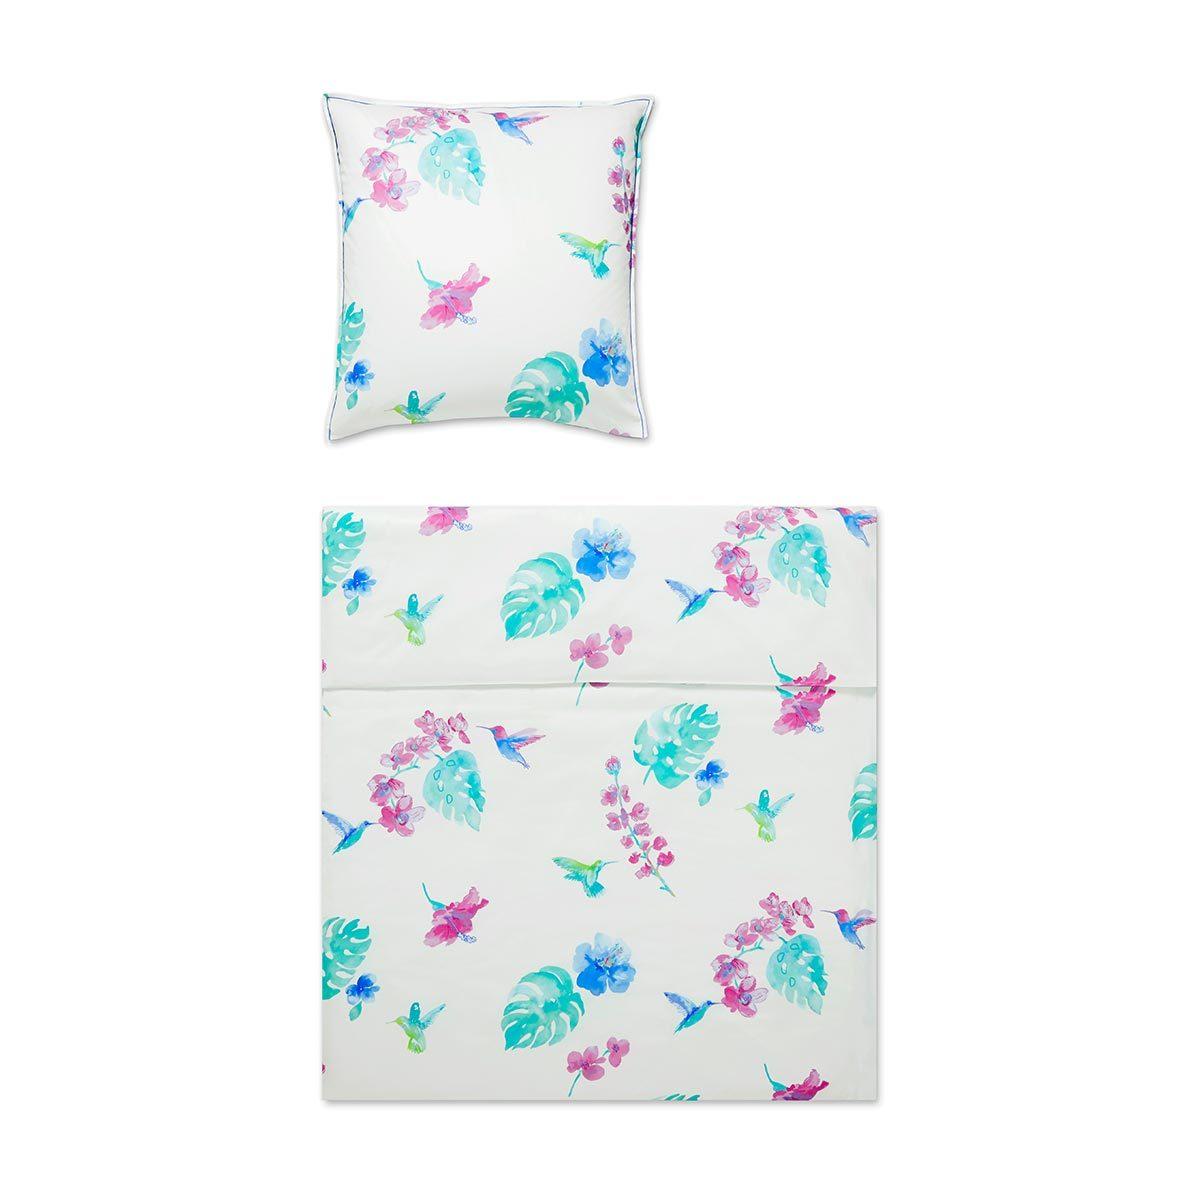 covered mako satin bettw sche flower bird magenta g nstig. Black Bedroom Furniture Sets. Home Design Ideas